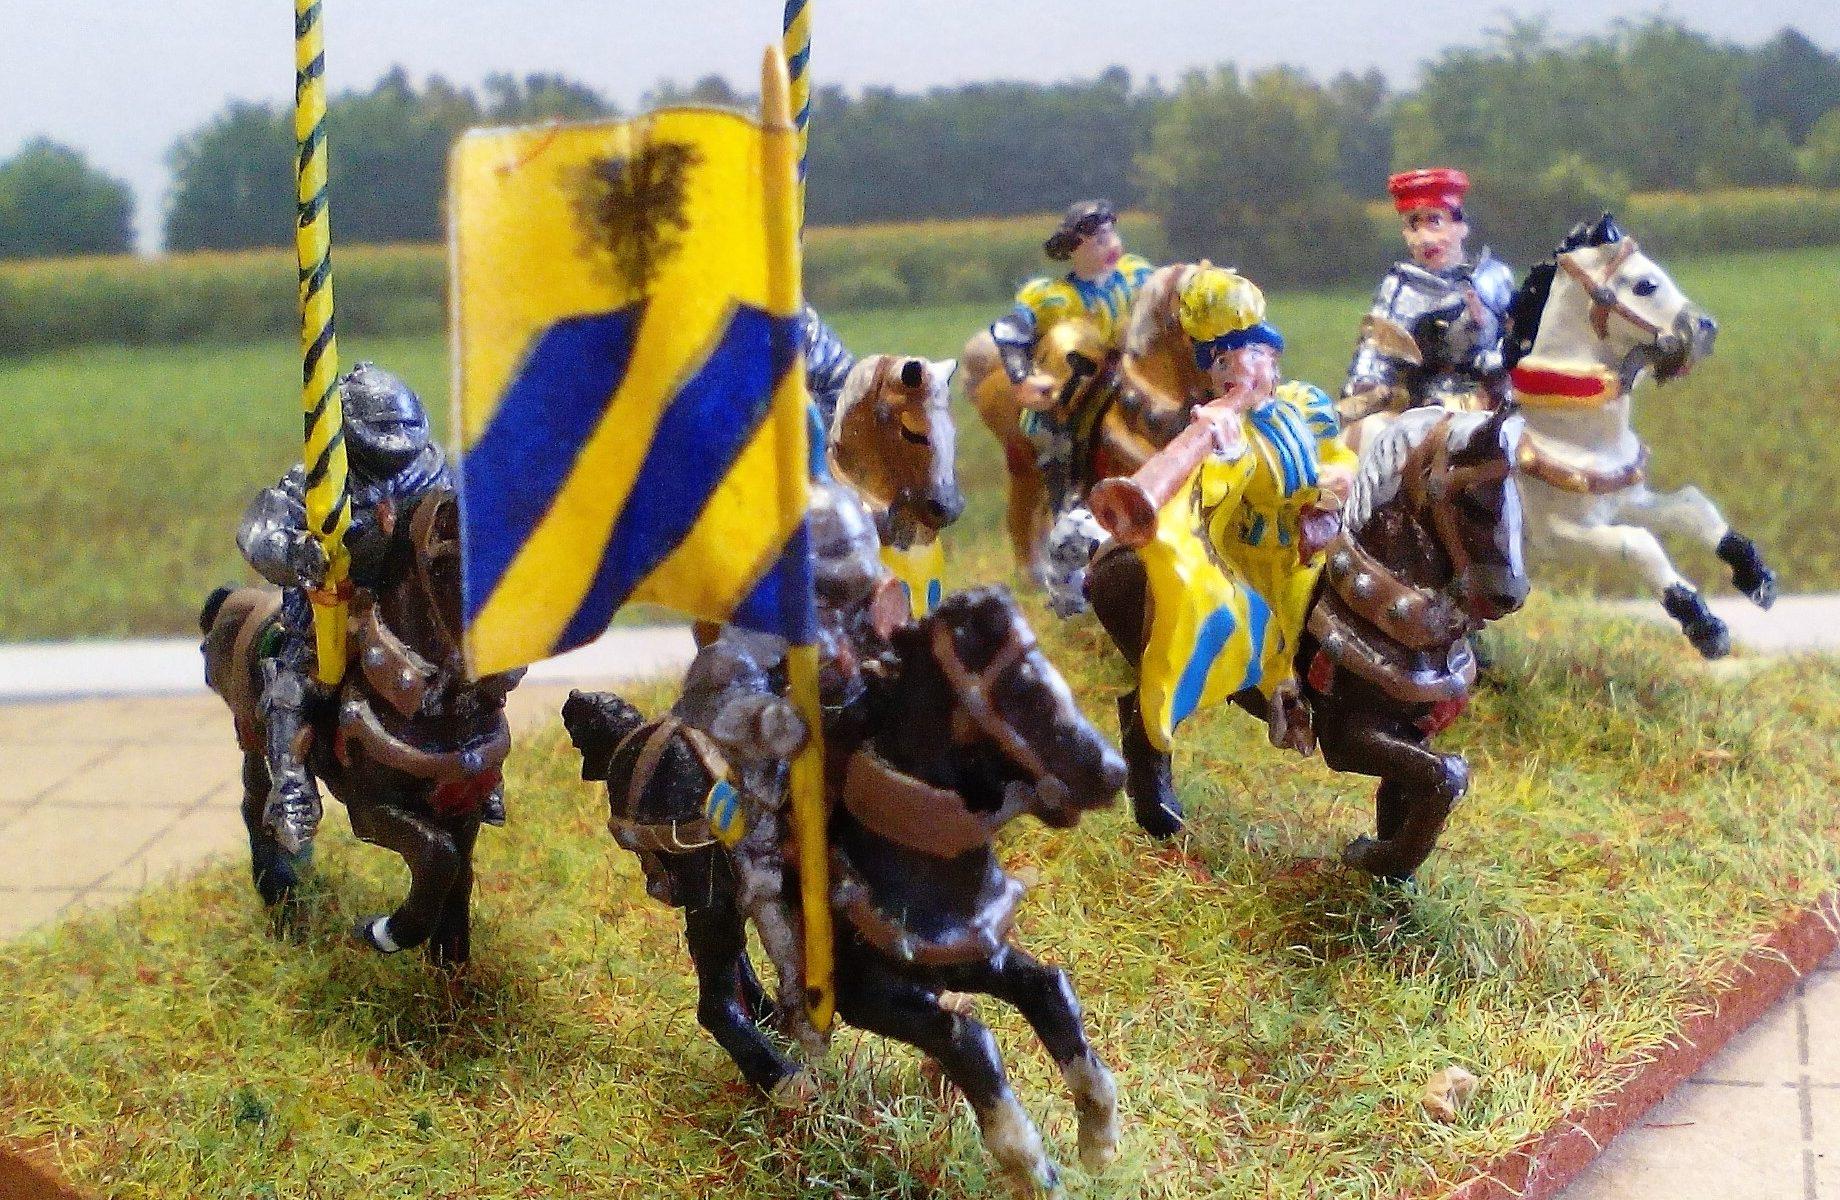 #cavalleria #montefeltro